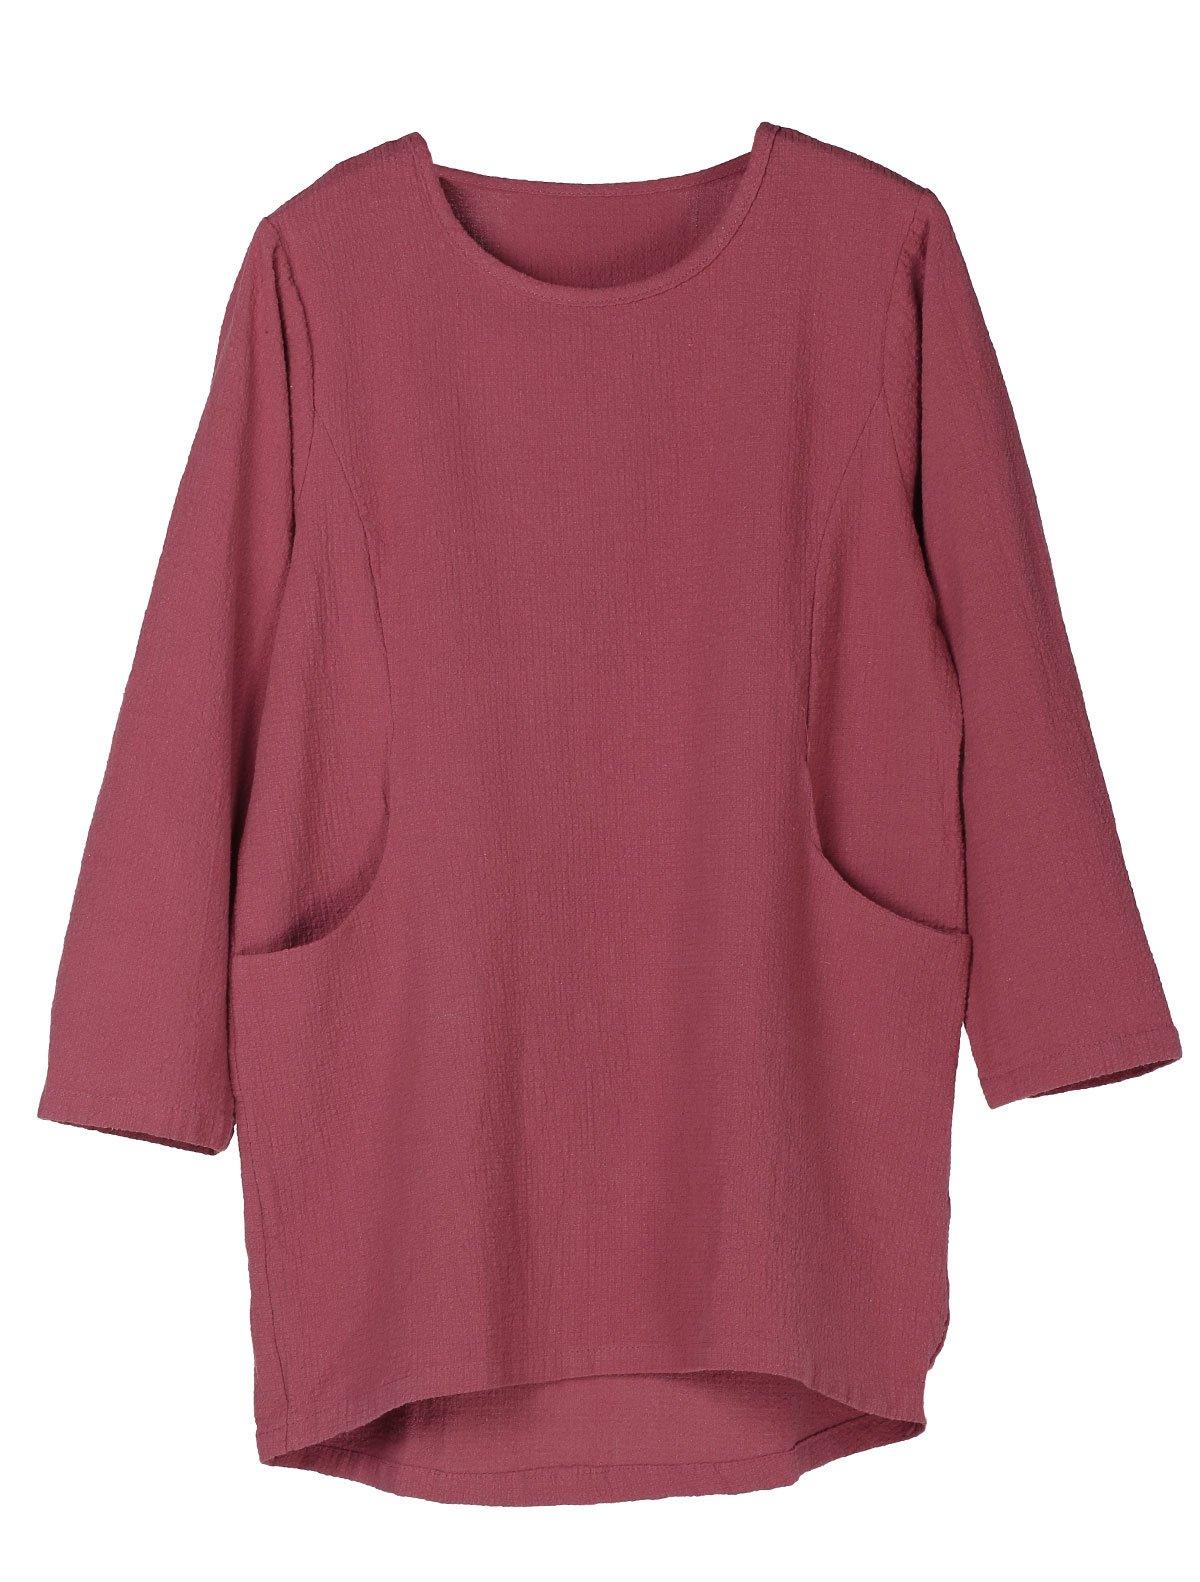 Minibee Women's Cotton Linen 4/5 Sleeve Tunic/Top Tees (XL, Maroon)